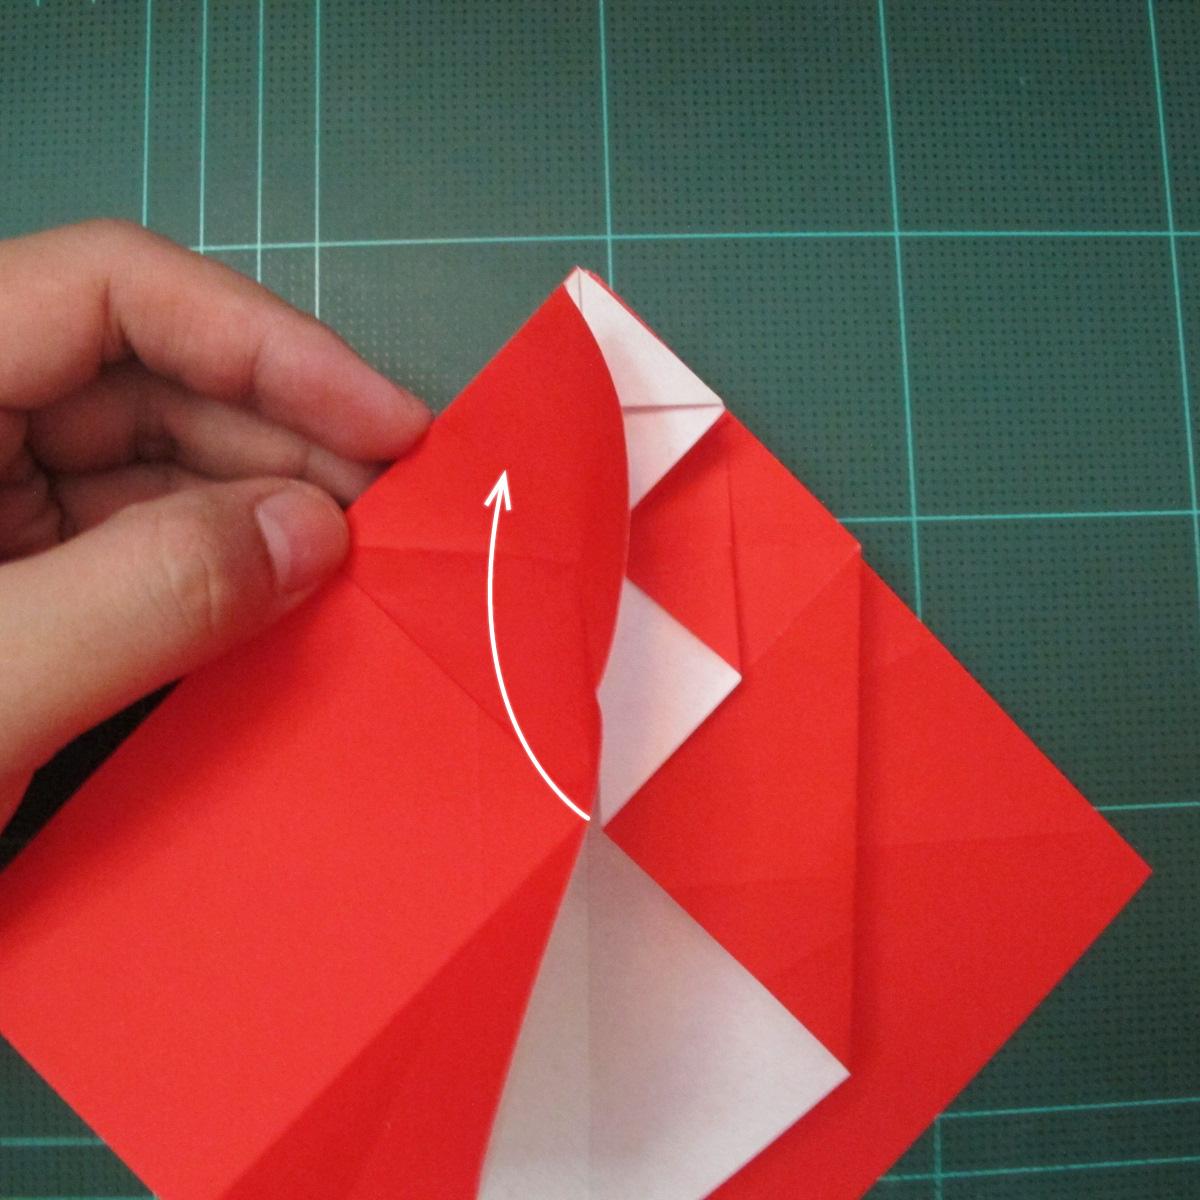 การพับกระดาษเป็นรูปสัตว์ประหลาดก็อตซิล่า (Origami Gozzila) 017